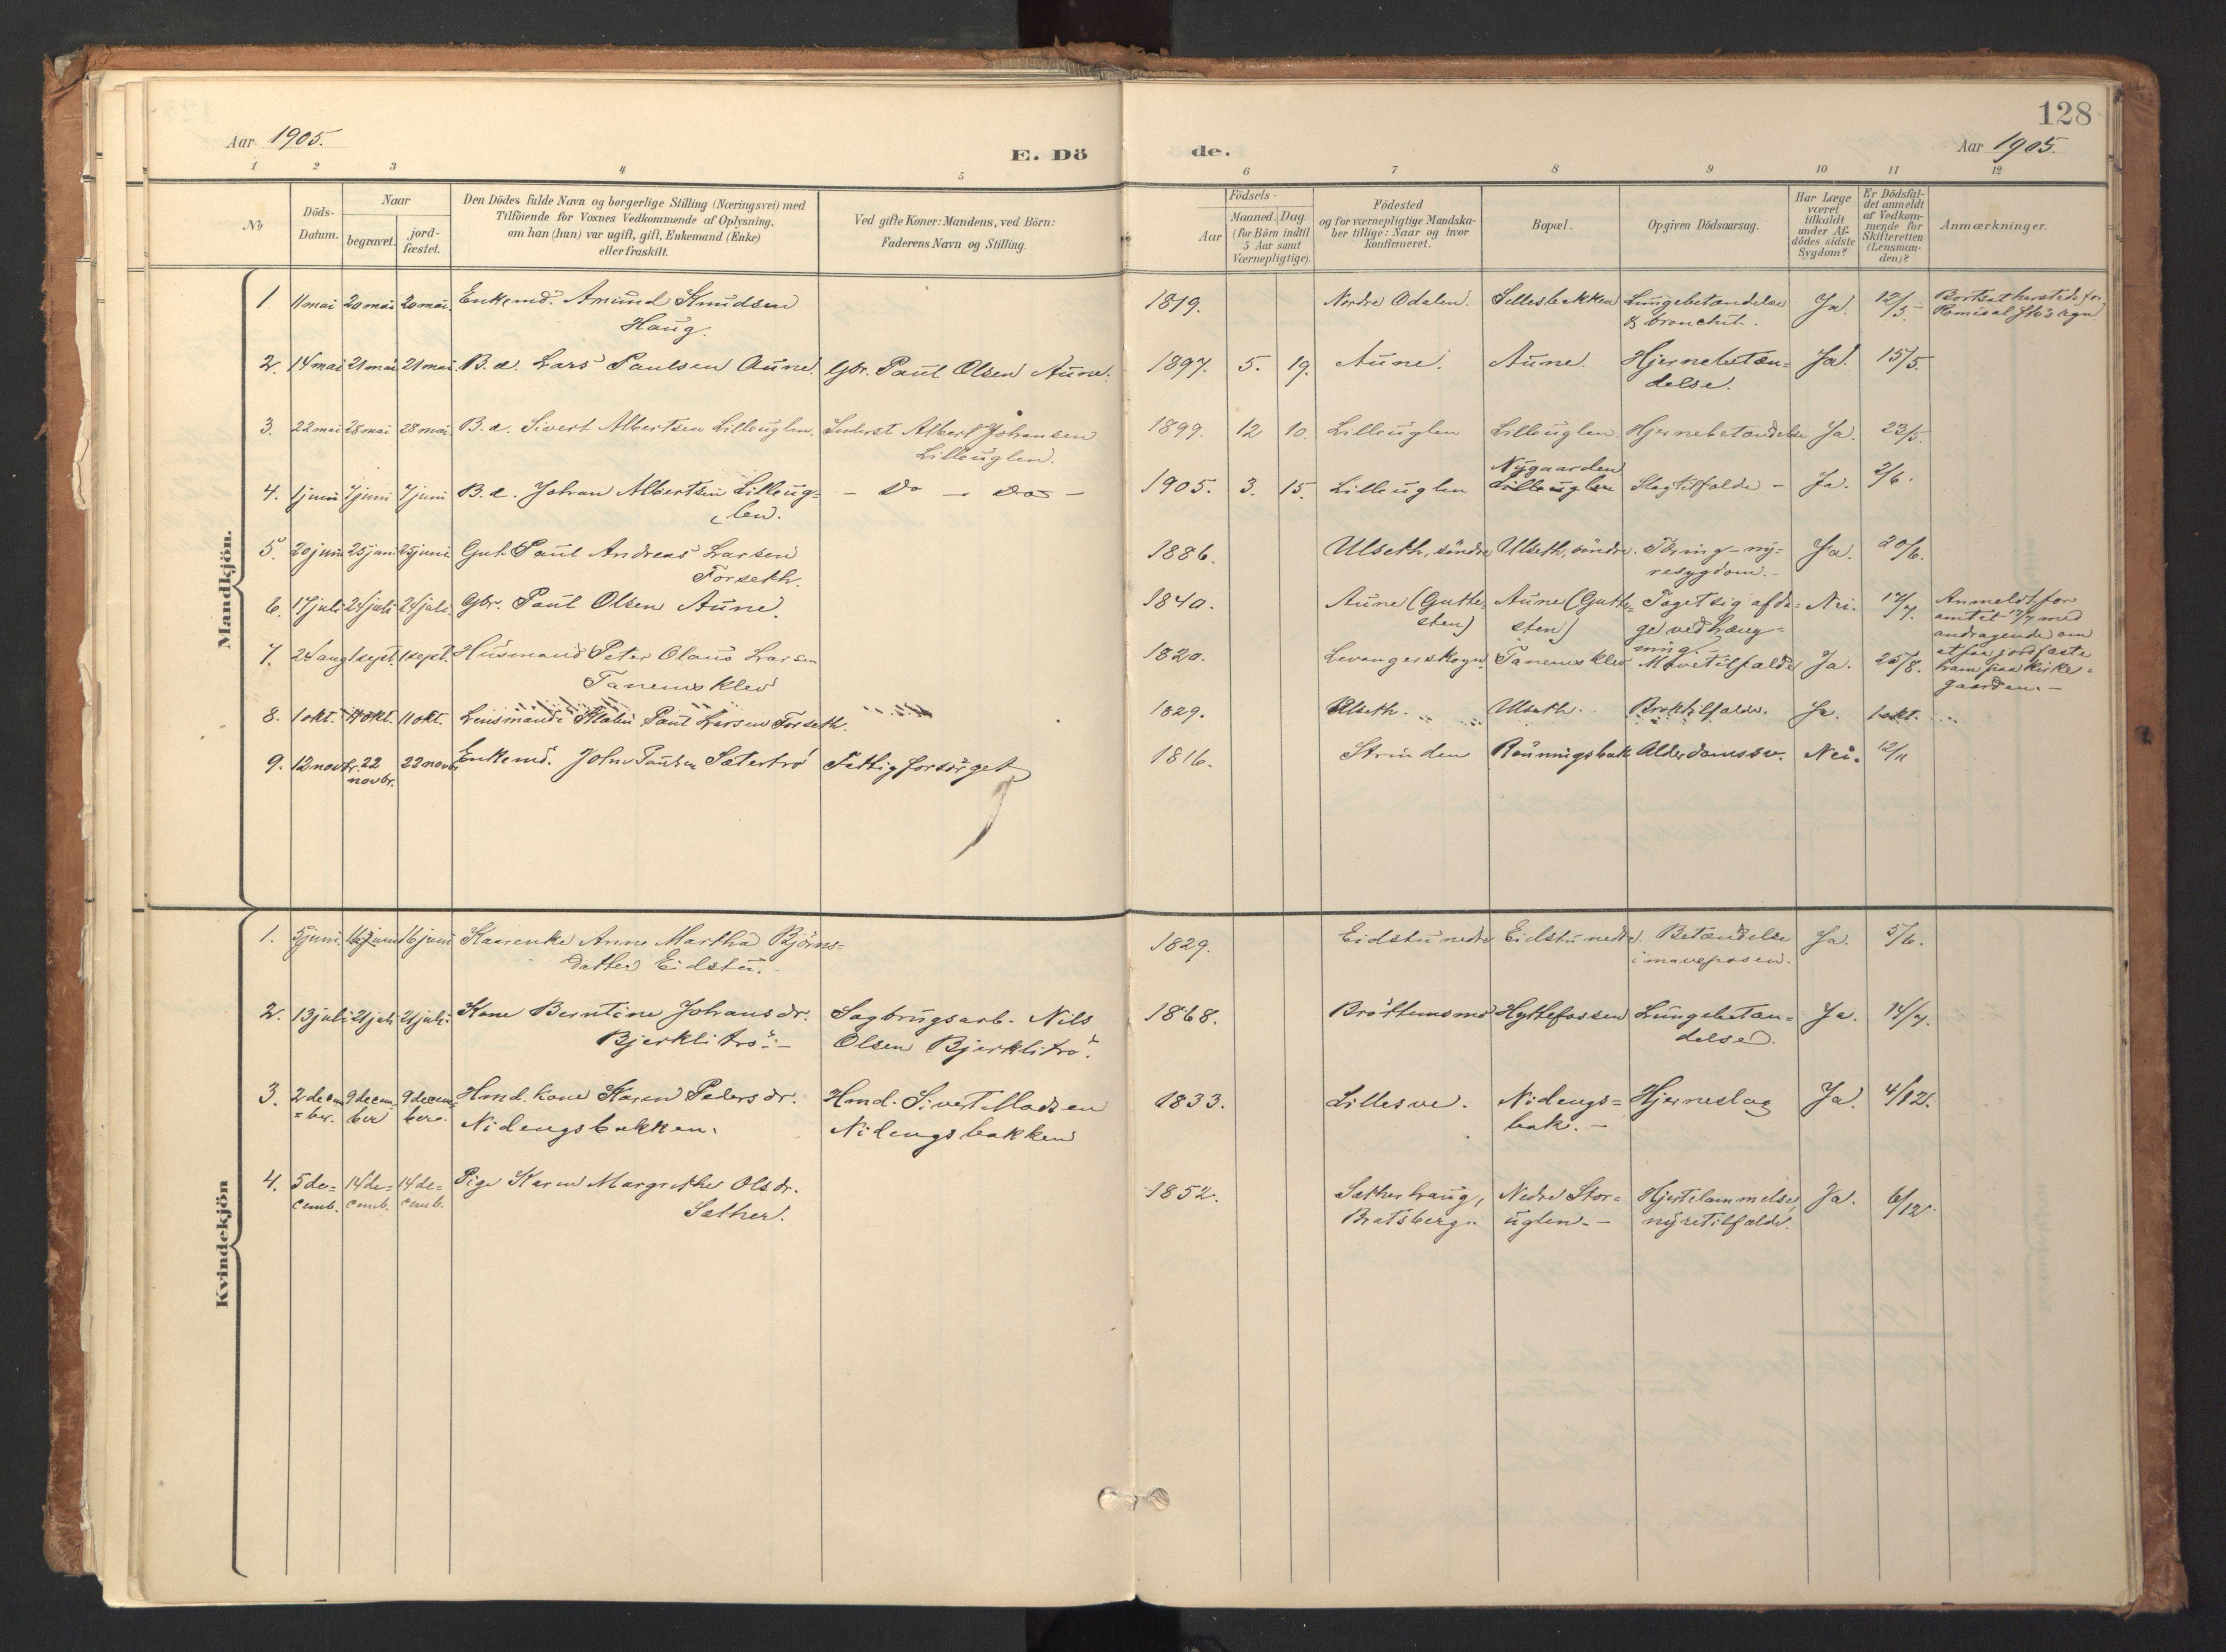 SAT, Ministerialprotokoller, klokkerbøker og fødselsregistre - Sør-Trøndelag, 618/L0448: Ministerialbok nr. 618A11, 1898-1916, s. 128